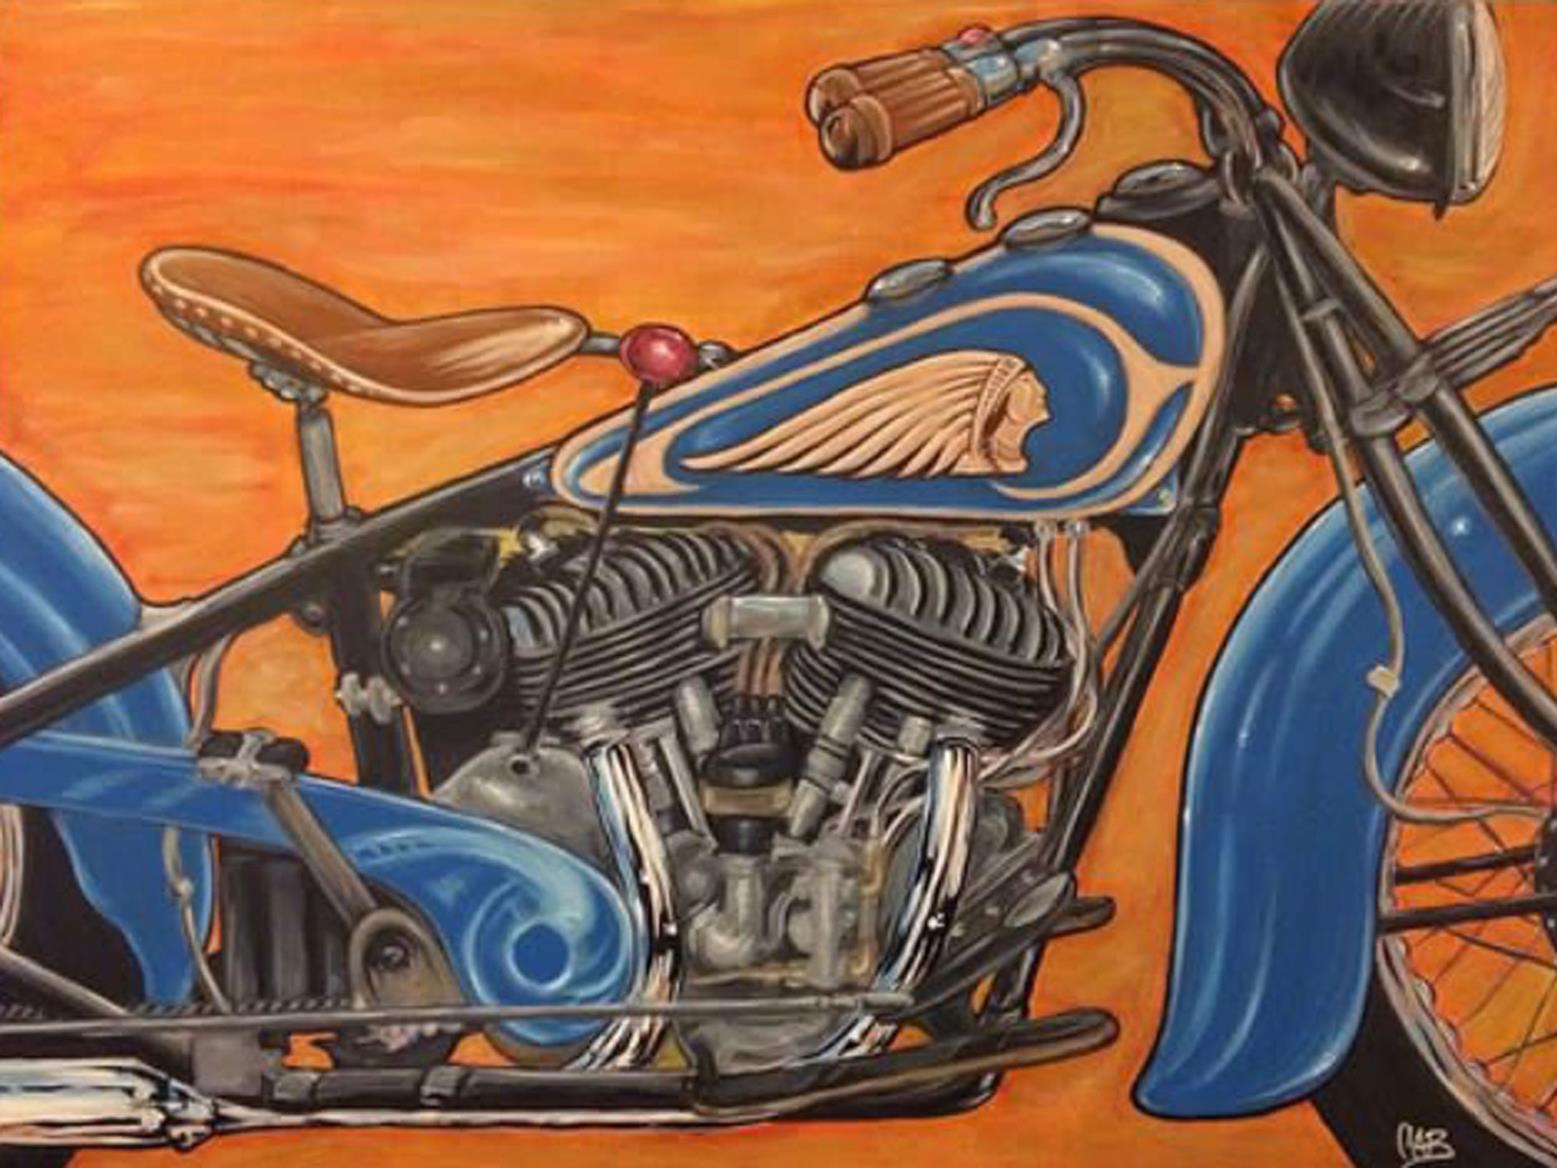 Steve Caballero art